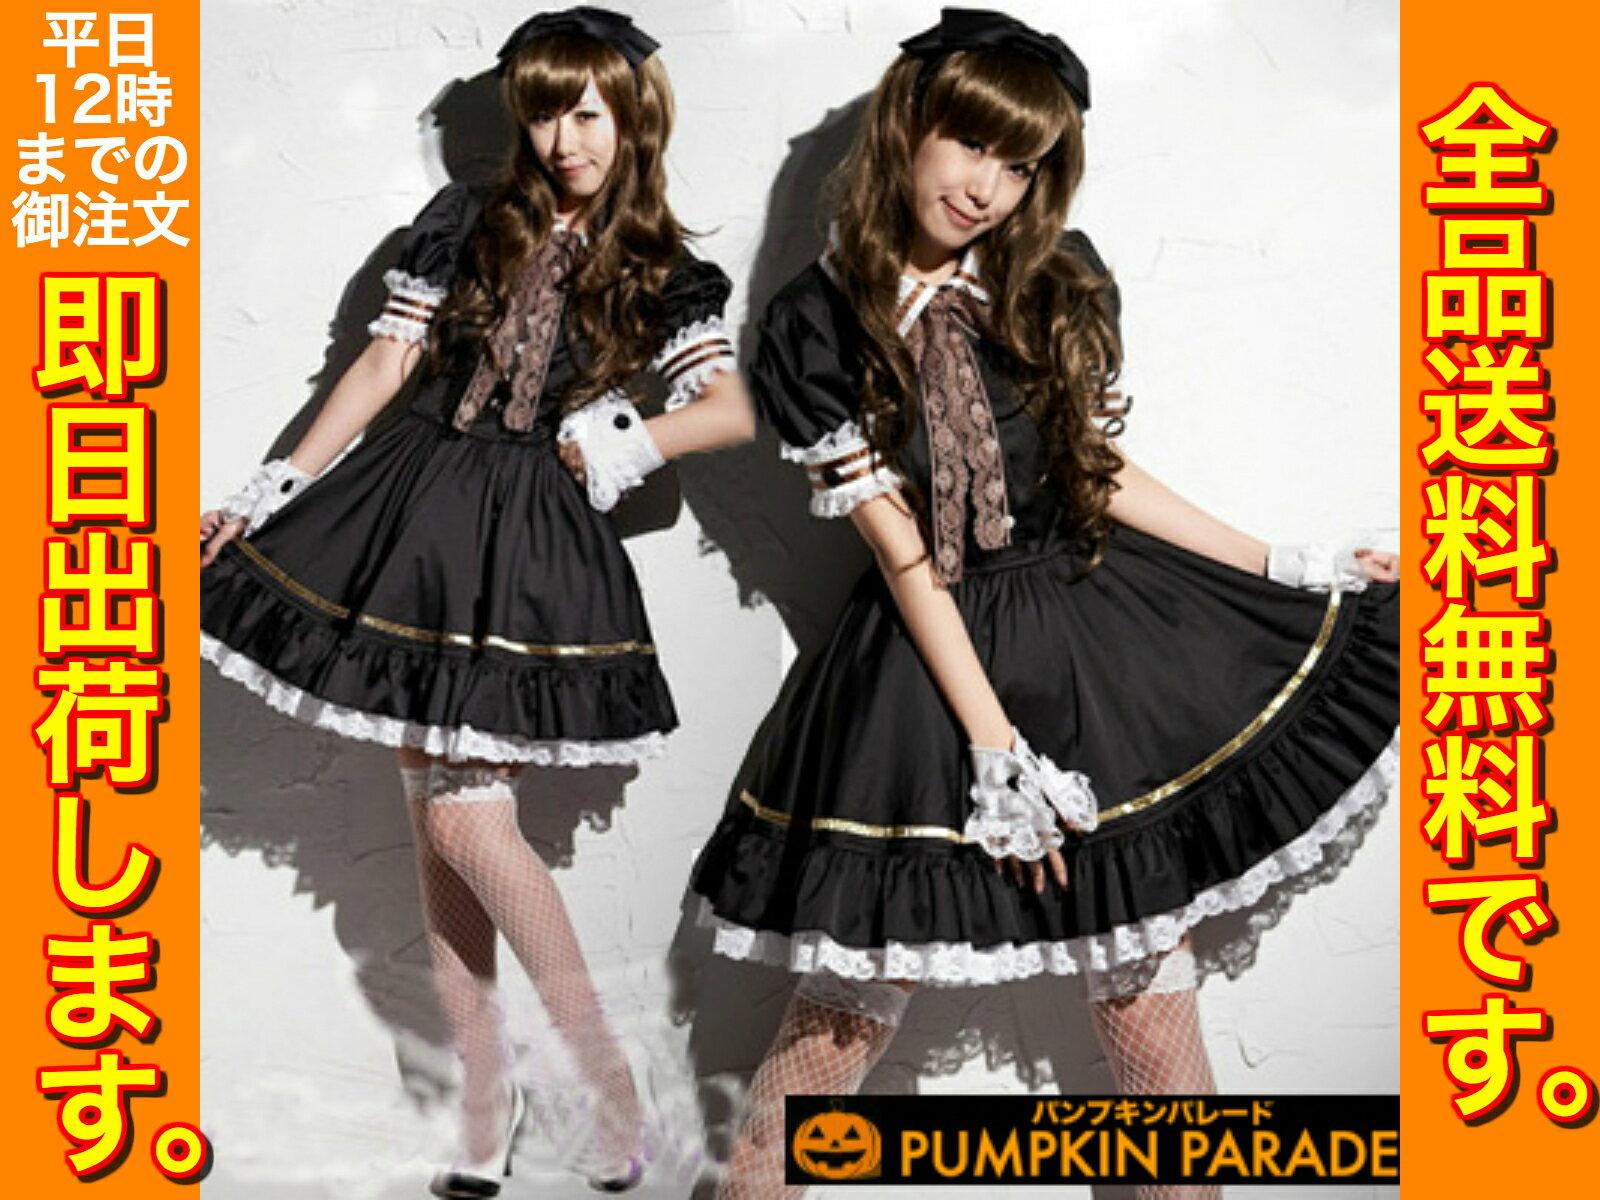 ハロウィン 衣装 メイド コスプレ 仮装 コスチューム かわいい お手軽3点セット メイド S M L XL 大きいサイズ